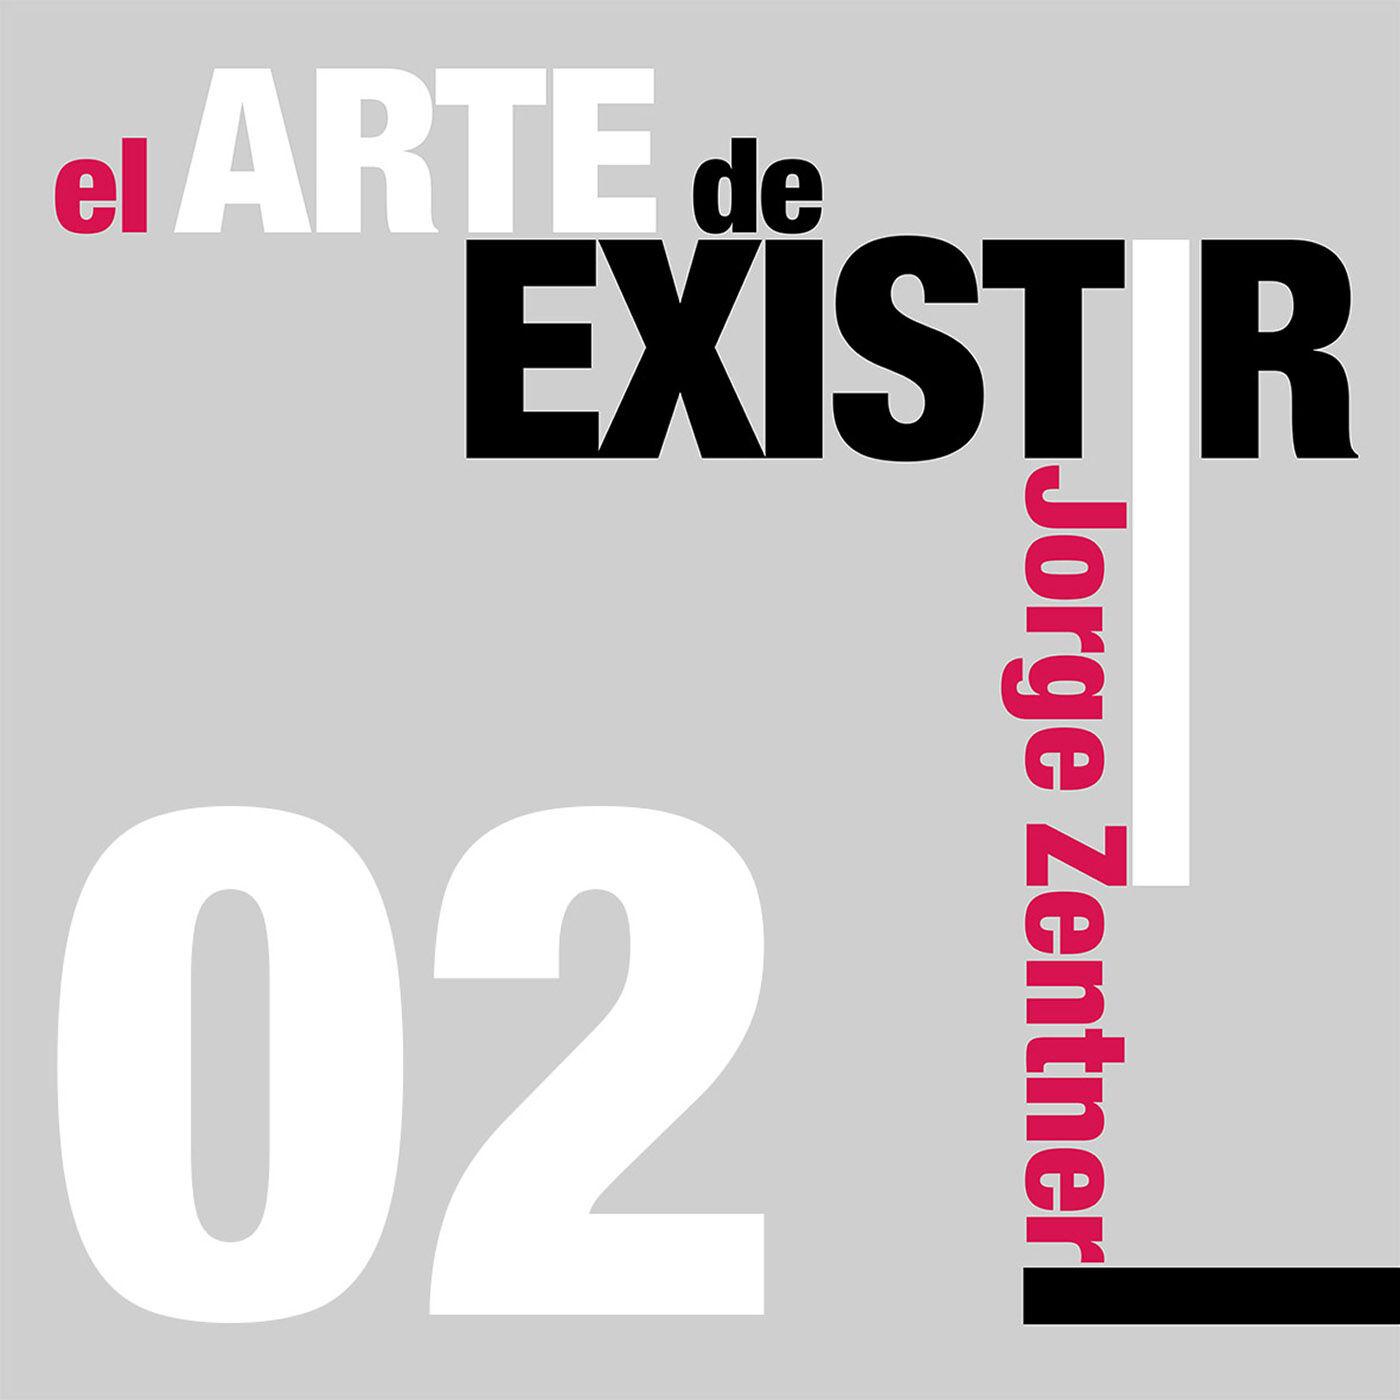 eAdE #02 - Nuestras limitaciones existenciales